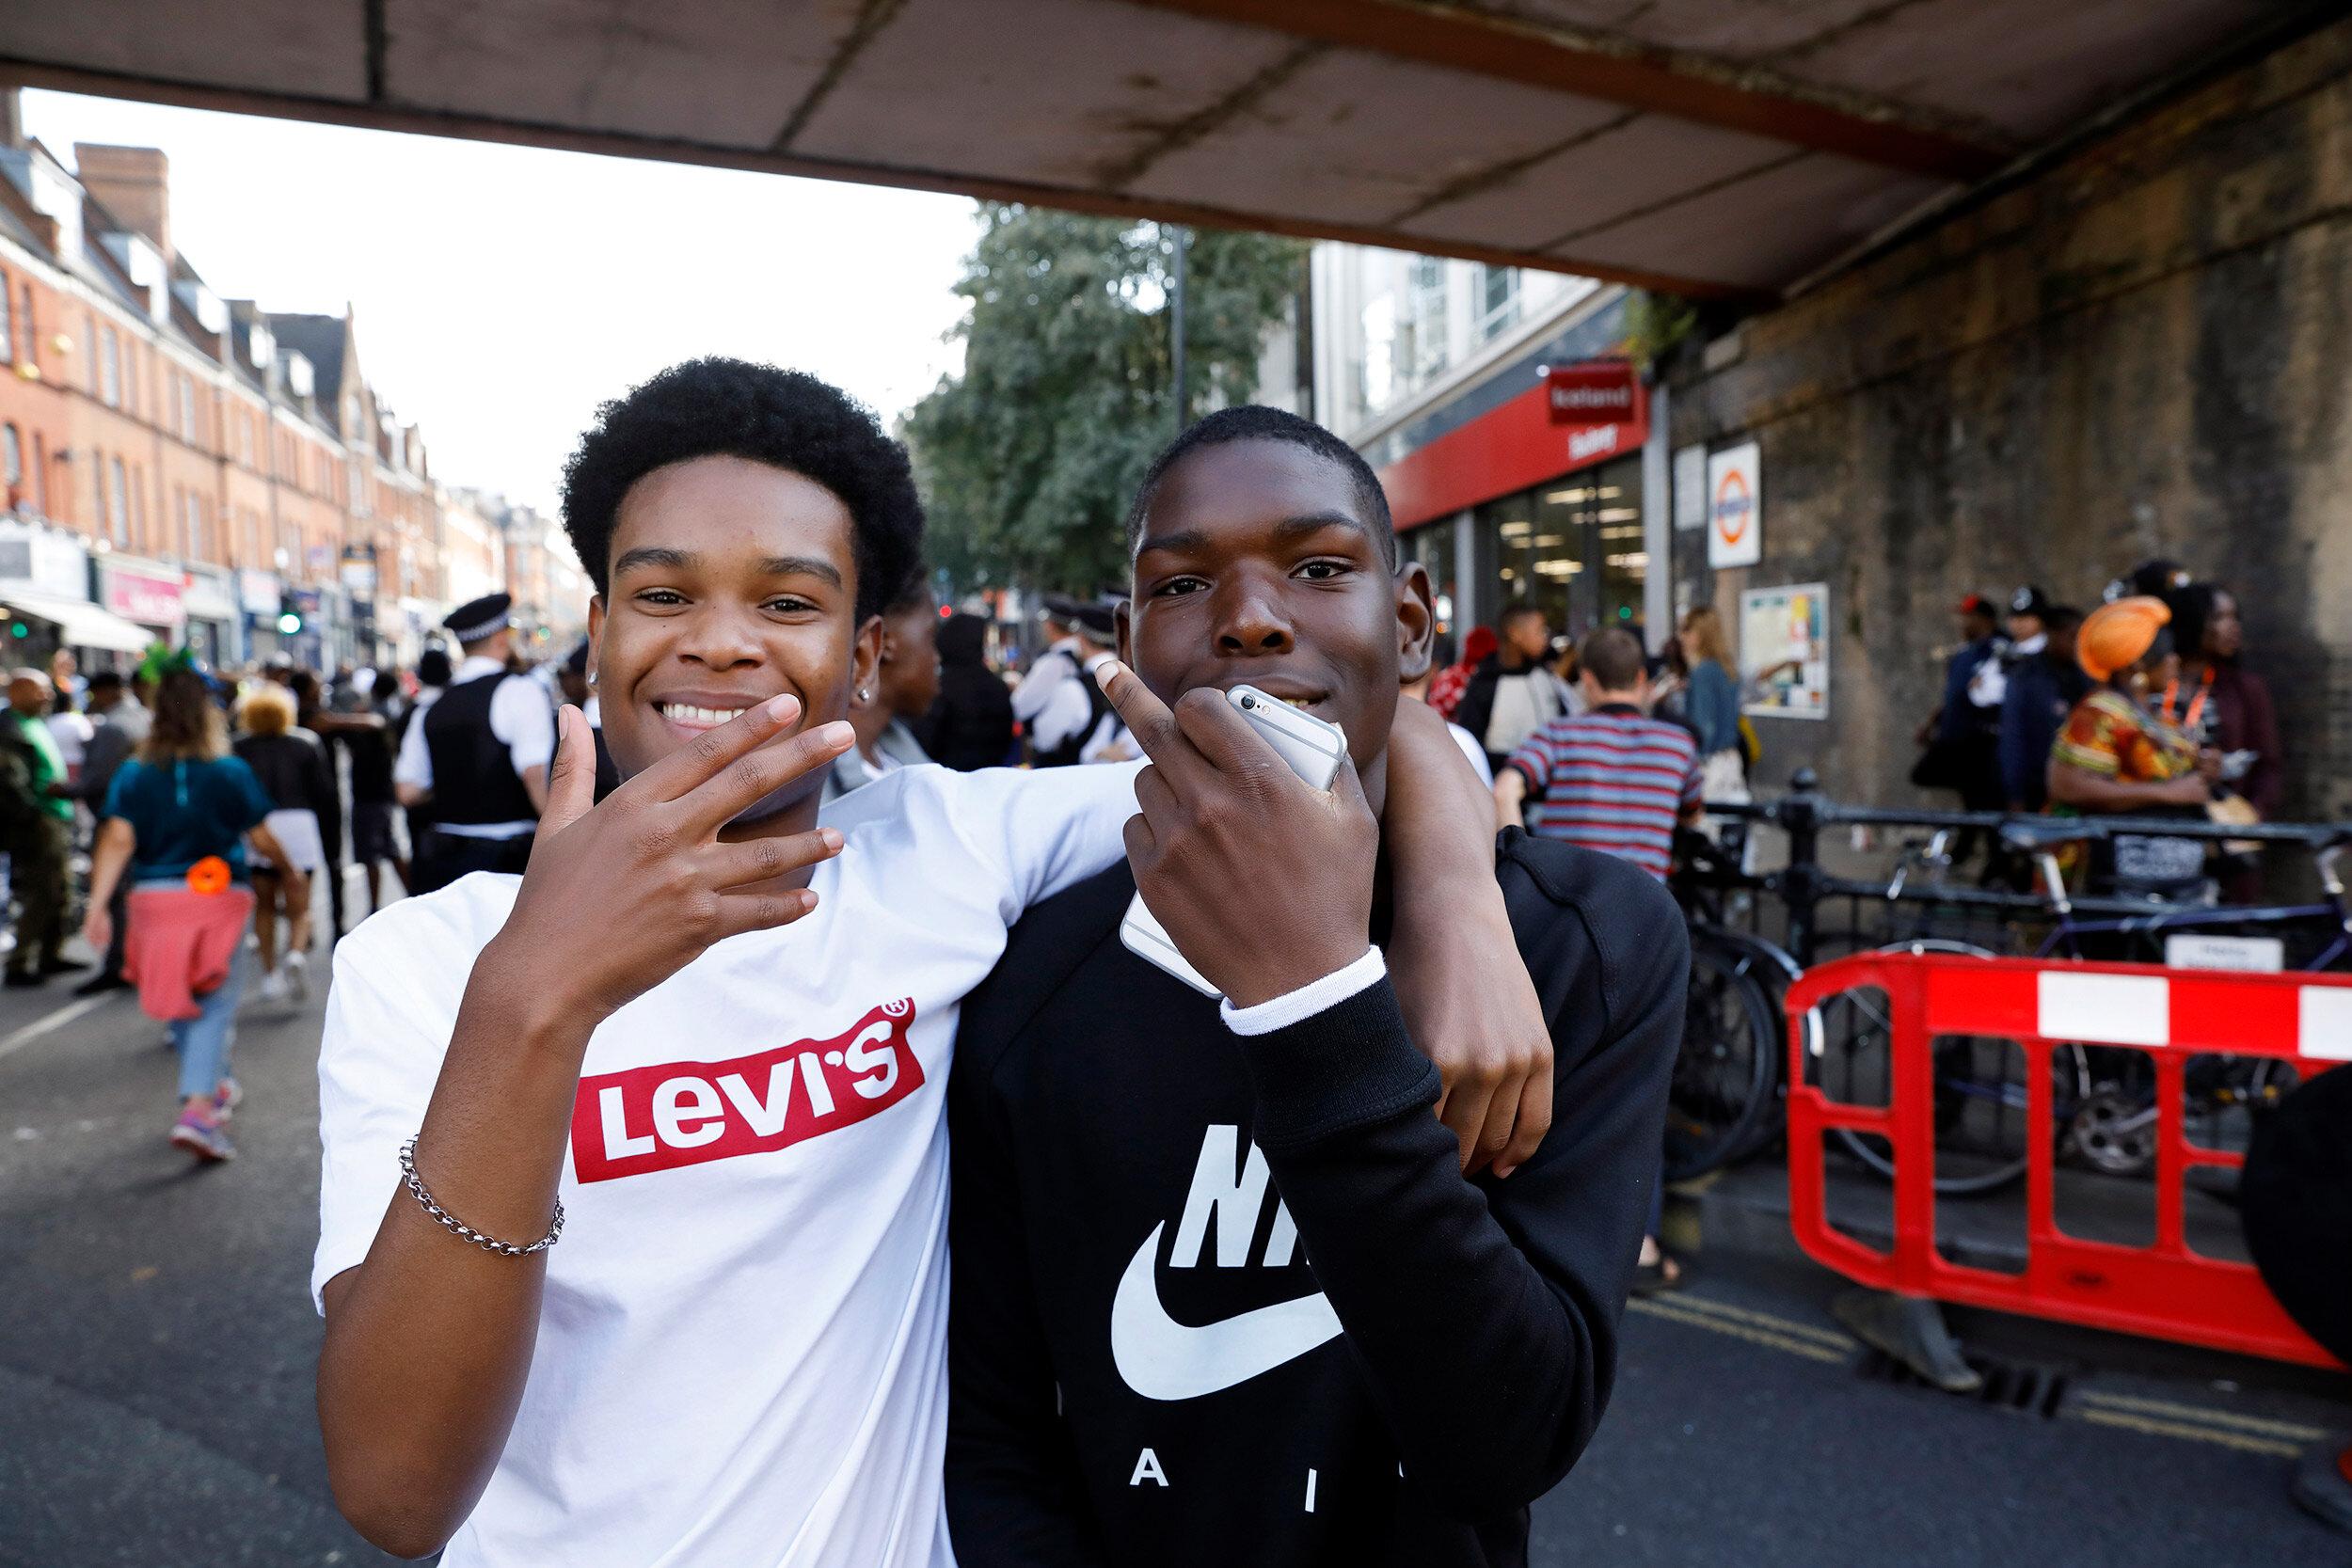 @ Nick David. Hackney Carnival